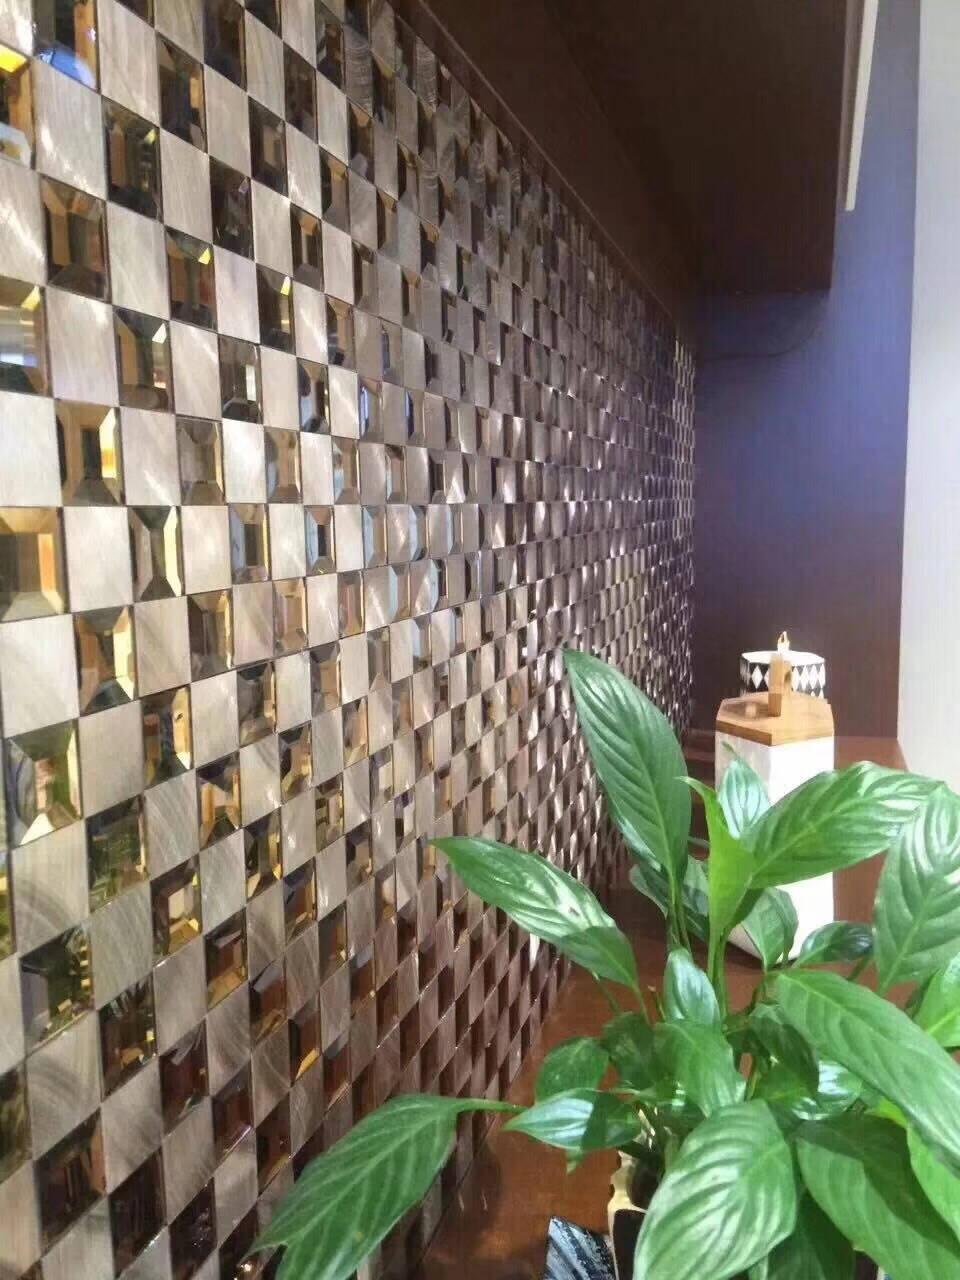 名玛汇茶色玻璃马赛克电视背景墙瓷砖金属拉丝镜面欧式卫生间客厅玄关餐厅建材墙砖